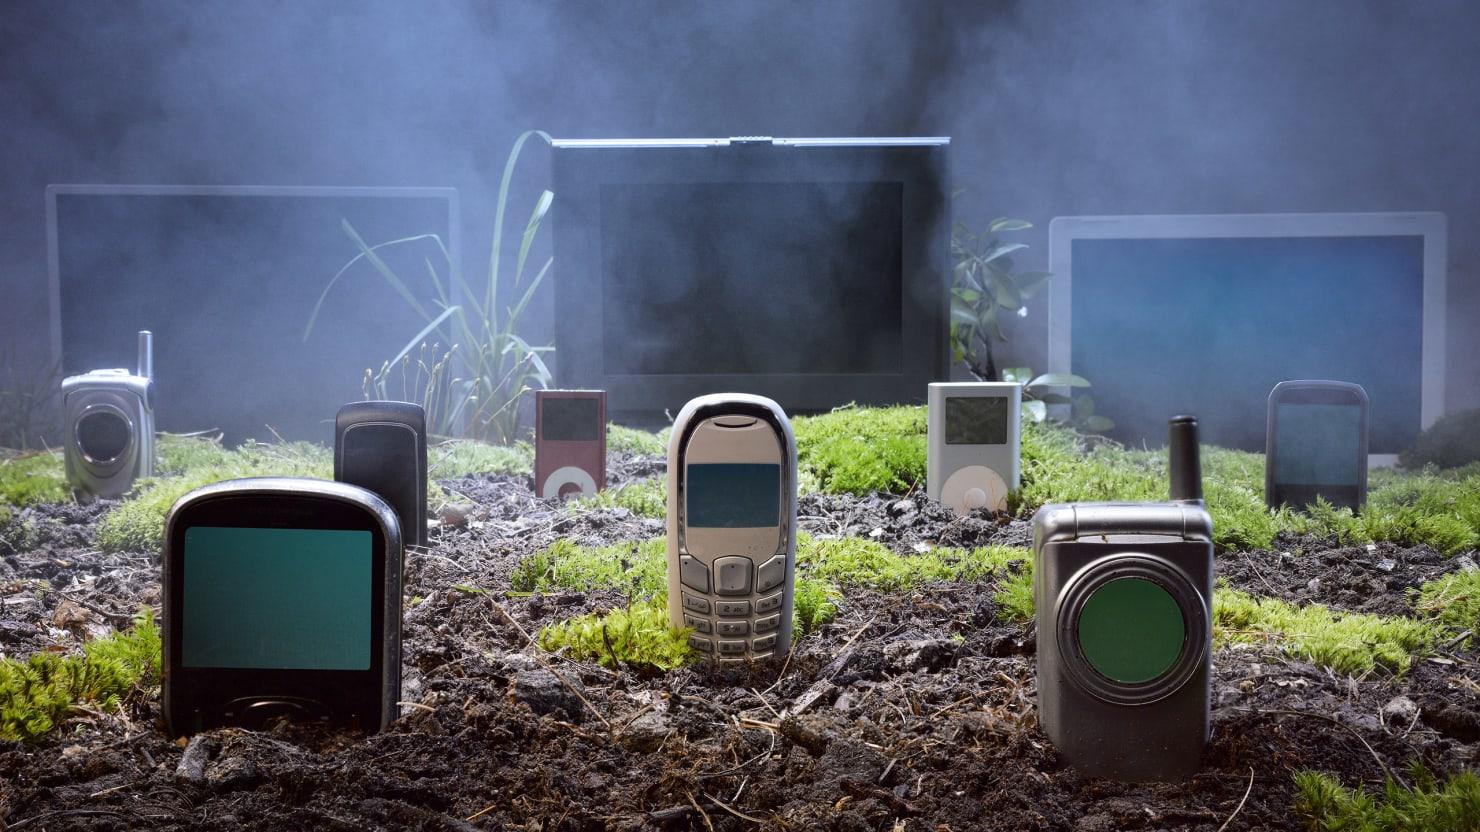 Кладбище технологий: с чем нам пришлось попрощаться в 2010-е